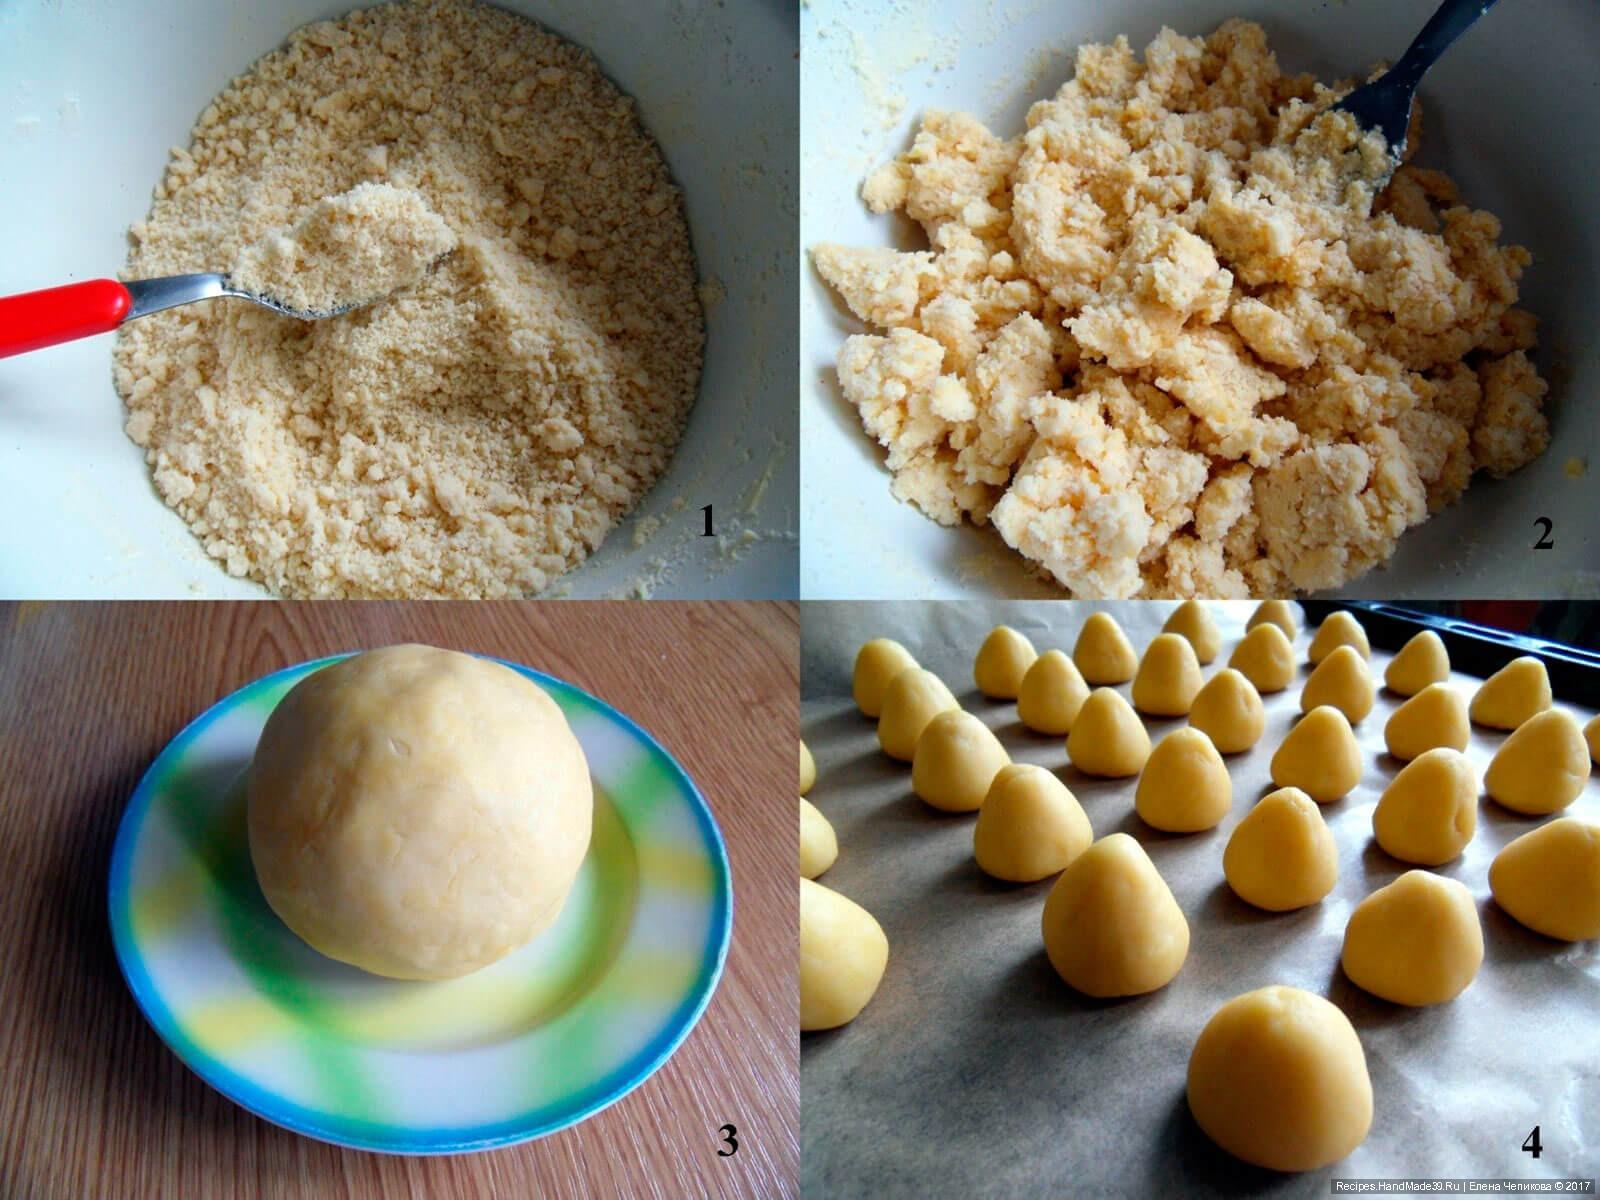 Если тесто сделано правильно, оно очень легко лепится, хорошо держит форму. Старайтесь, чтобы трюфели получились без заломов, ровненькие.